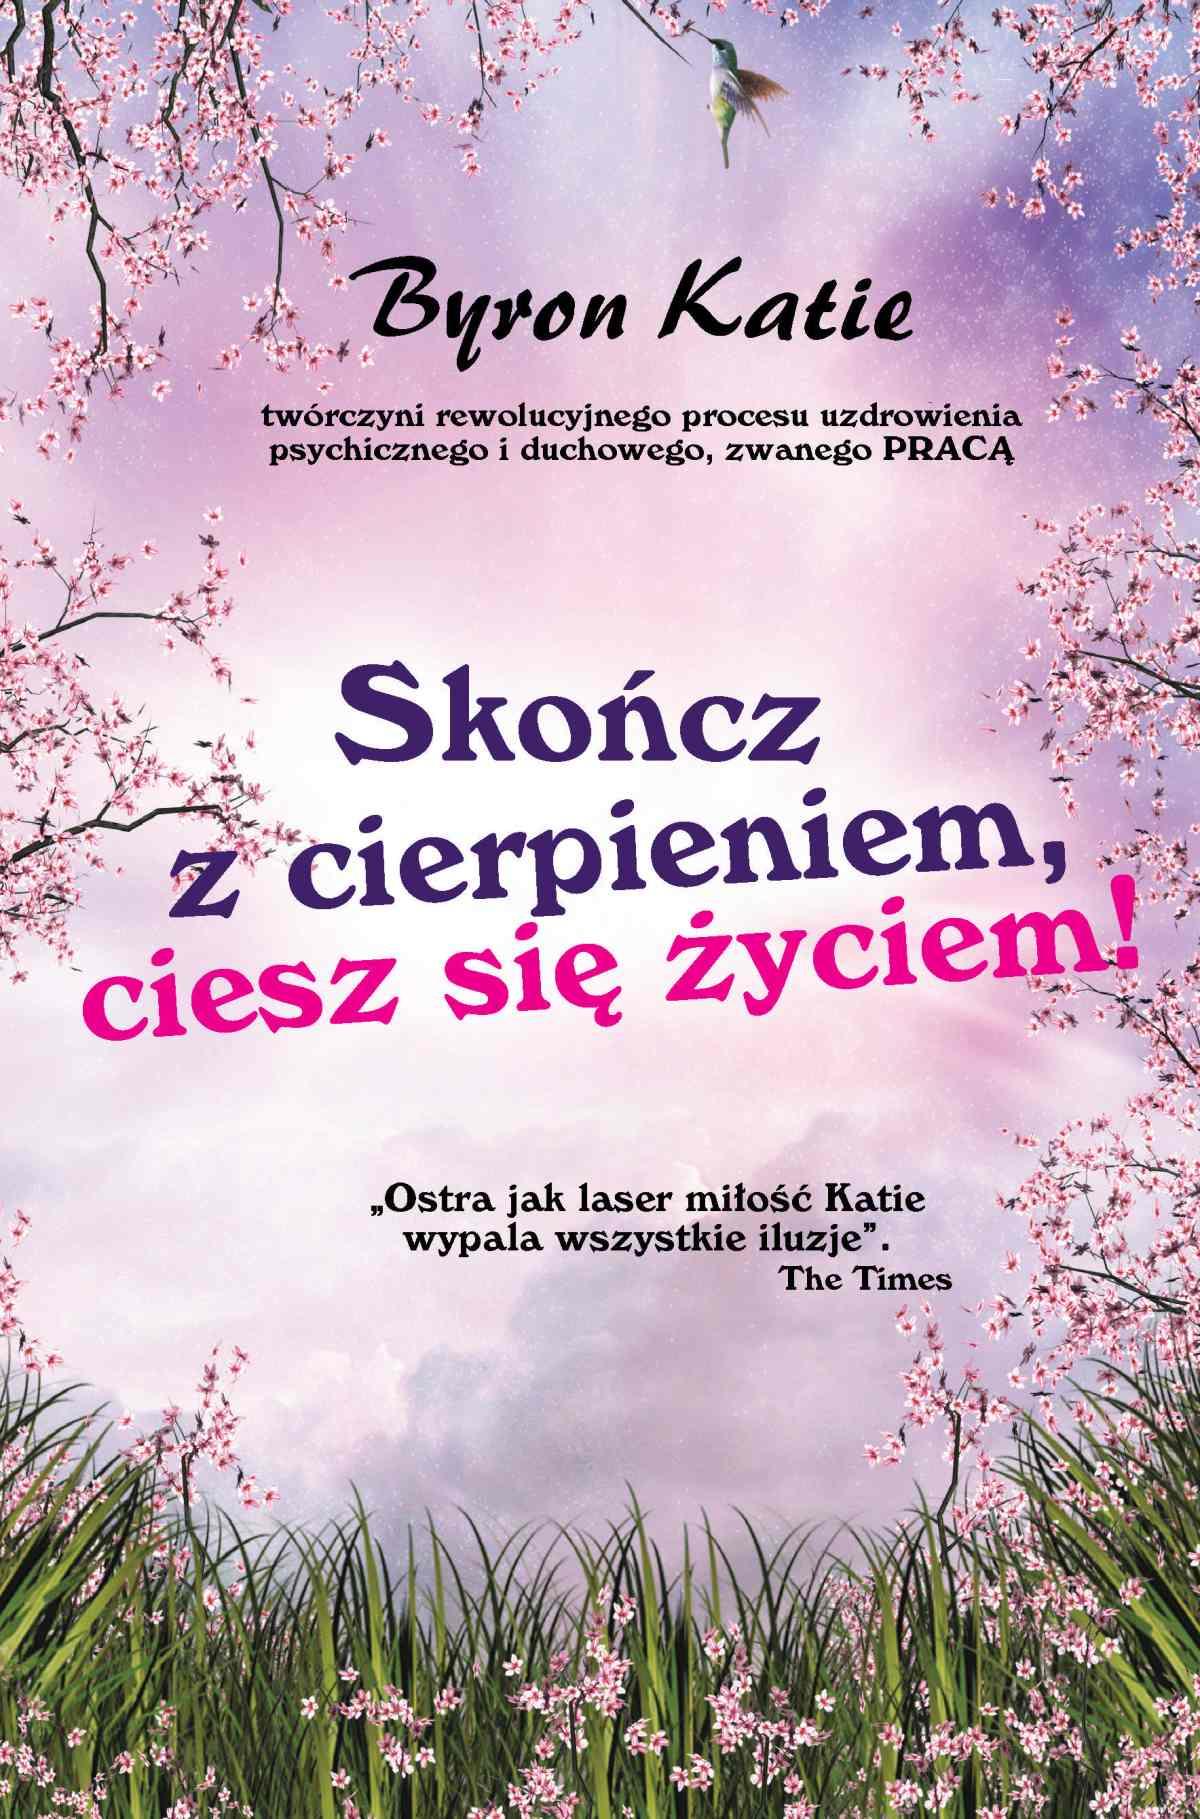 Skończ z cierpieniem, ciesz się życiem! - Ebook (Książka EPUB) do pobrania w formacie EPUB